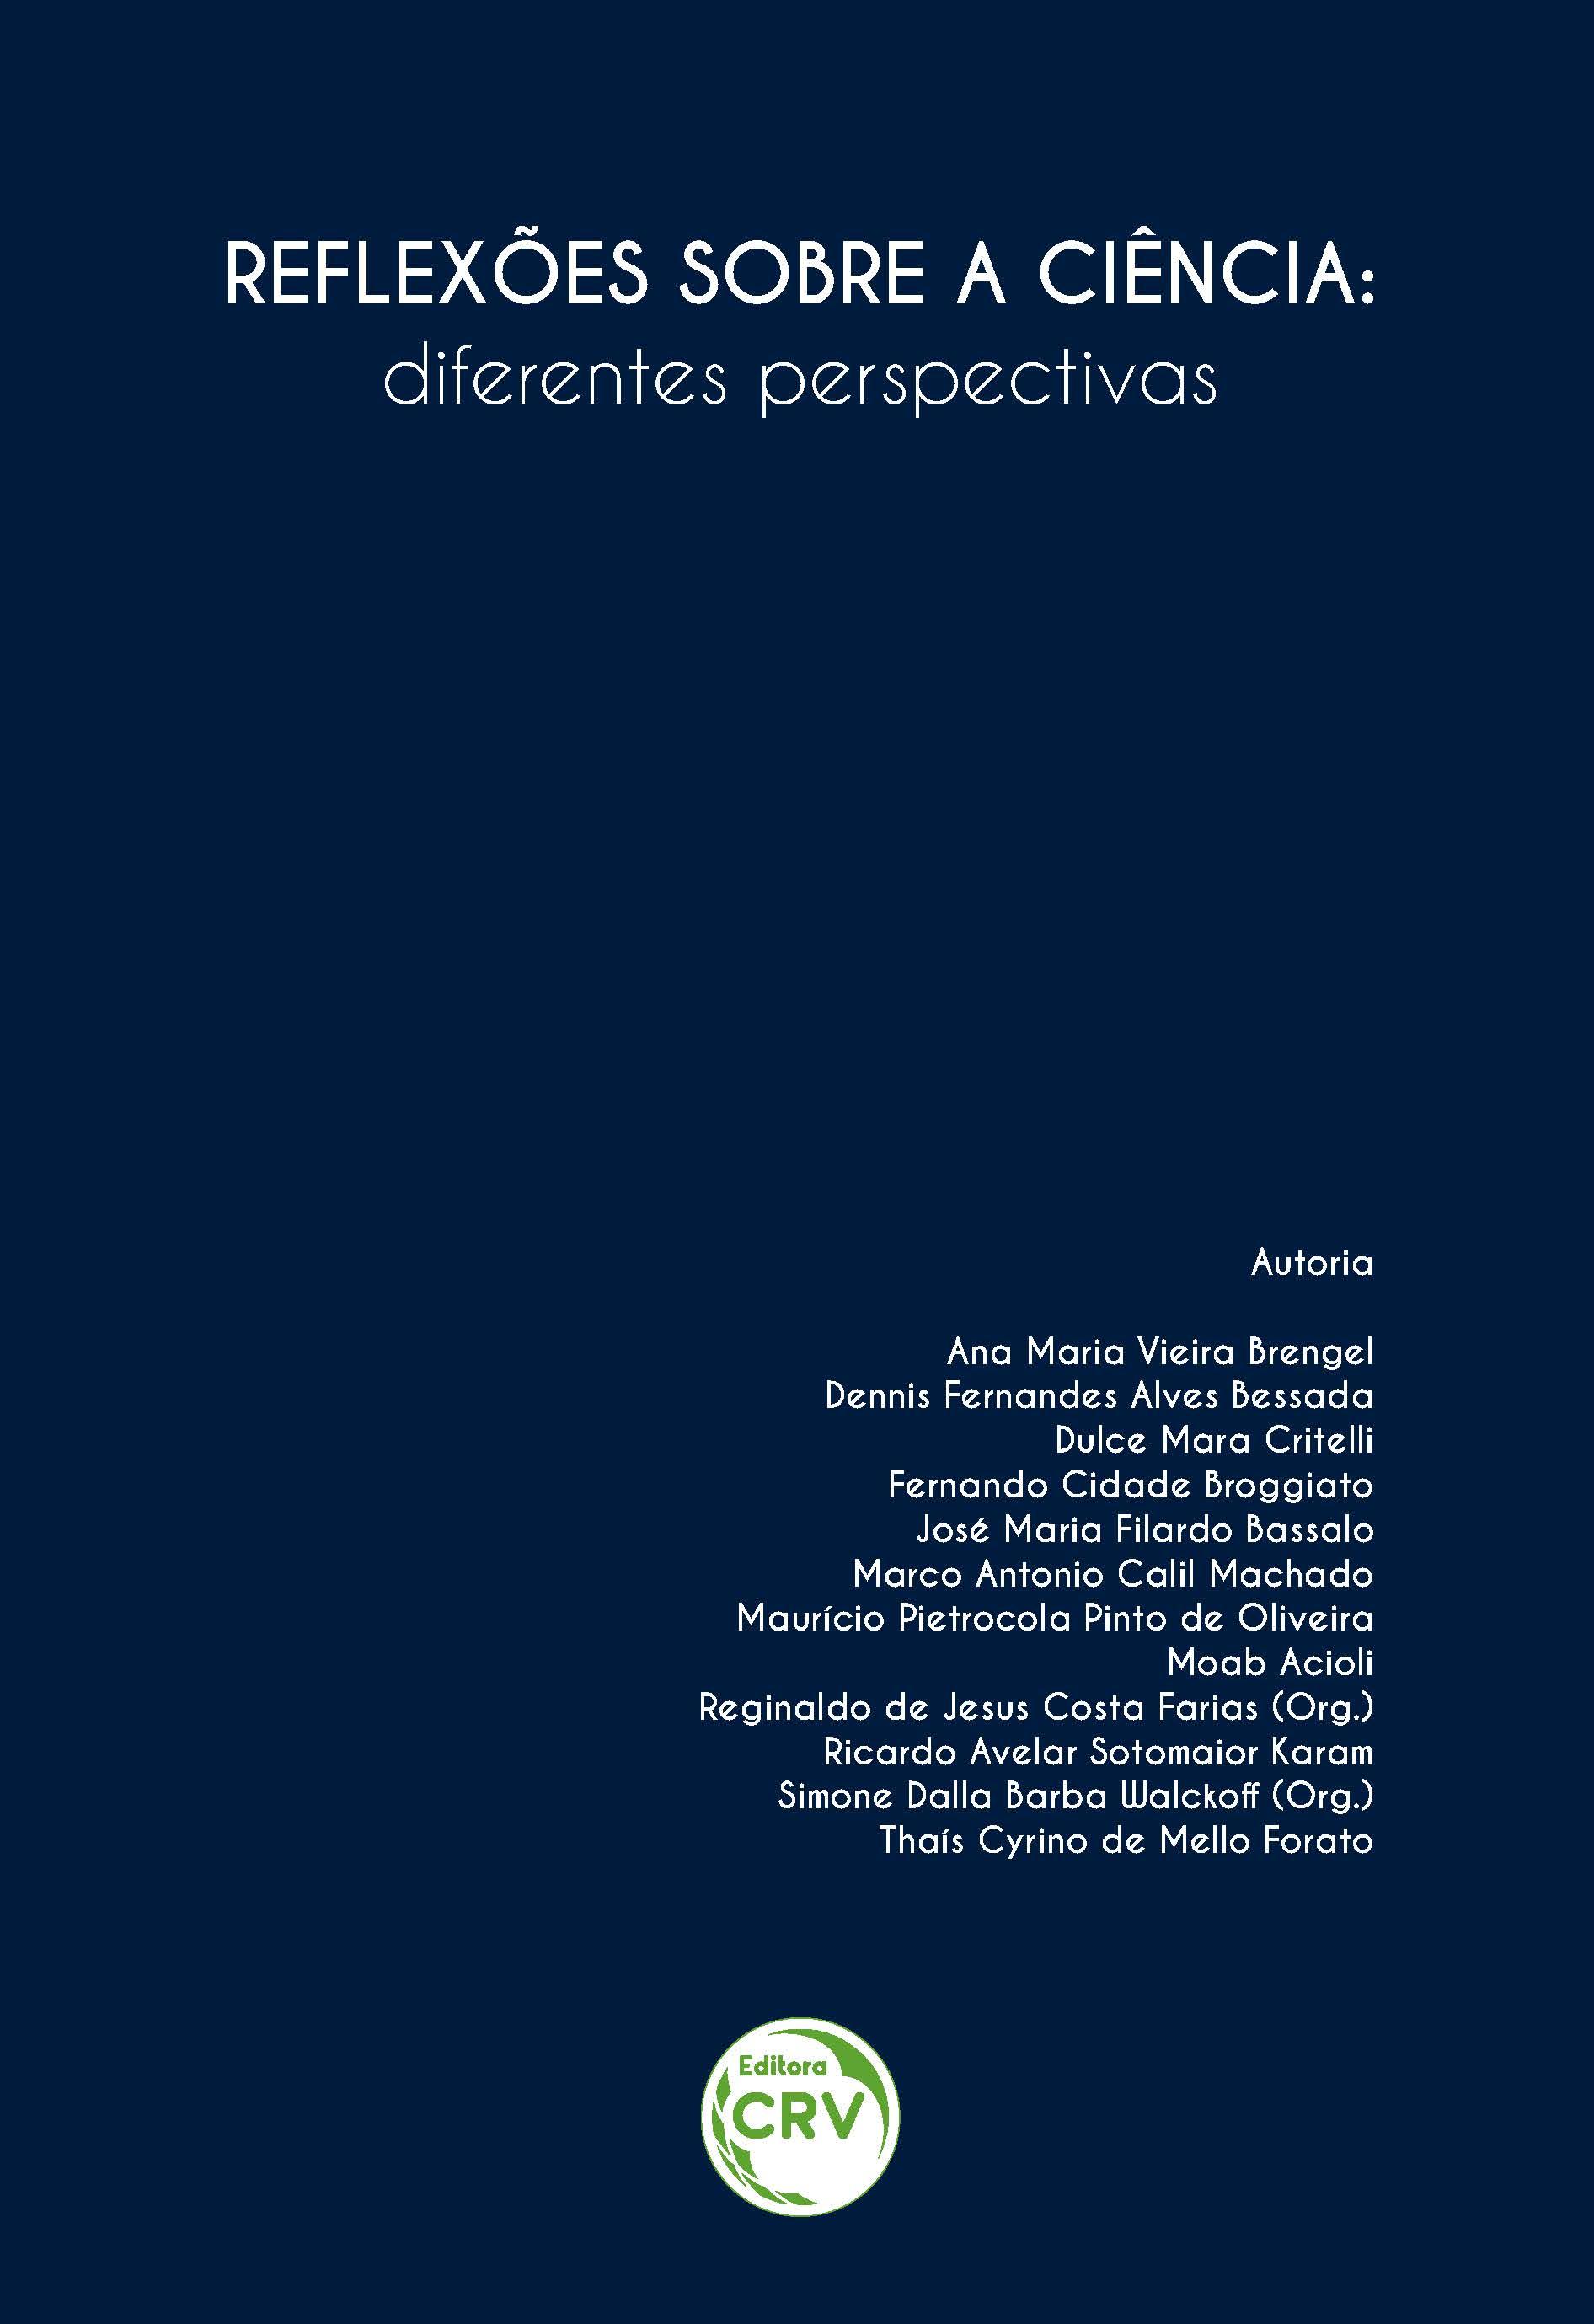 Capa do livro: REFLEXÕES SOBRE A CIÊNCIA:<br>diferentes perspectivas